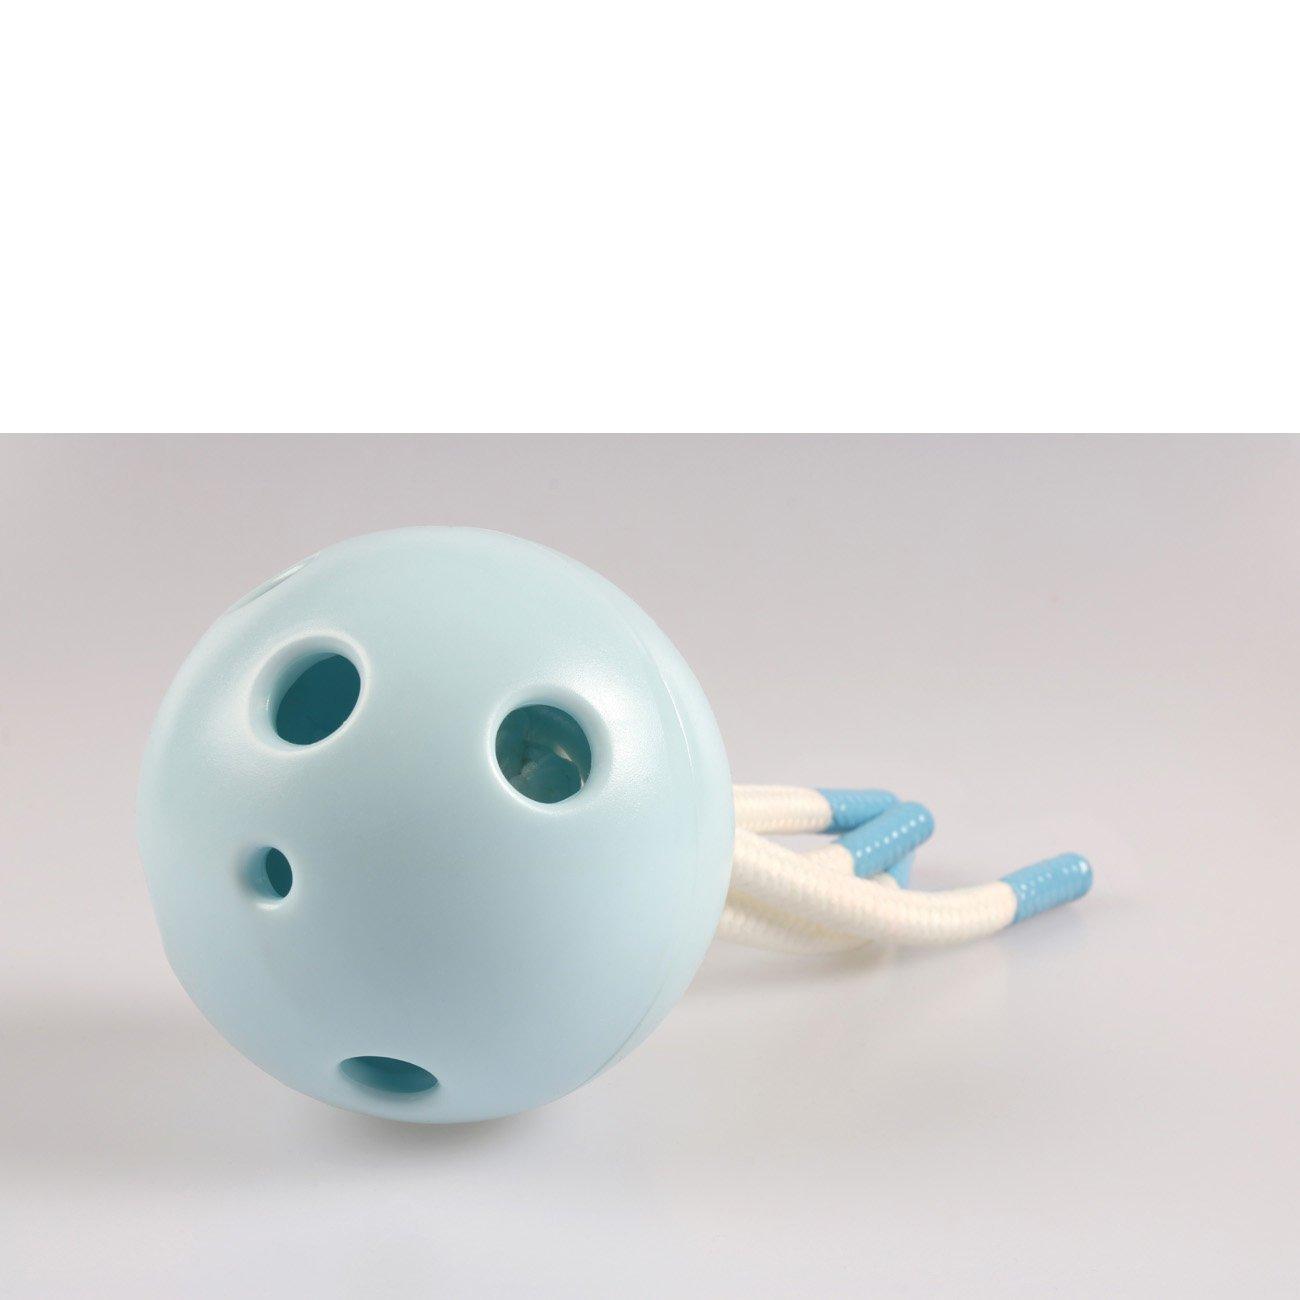 Petit Hundekauspielzeug Milo für die Zahnreinigung, Bild 14